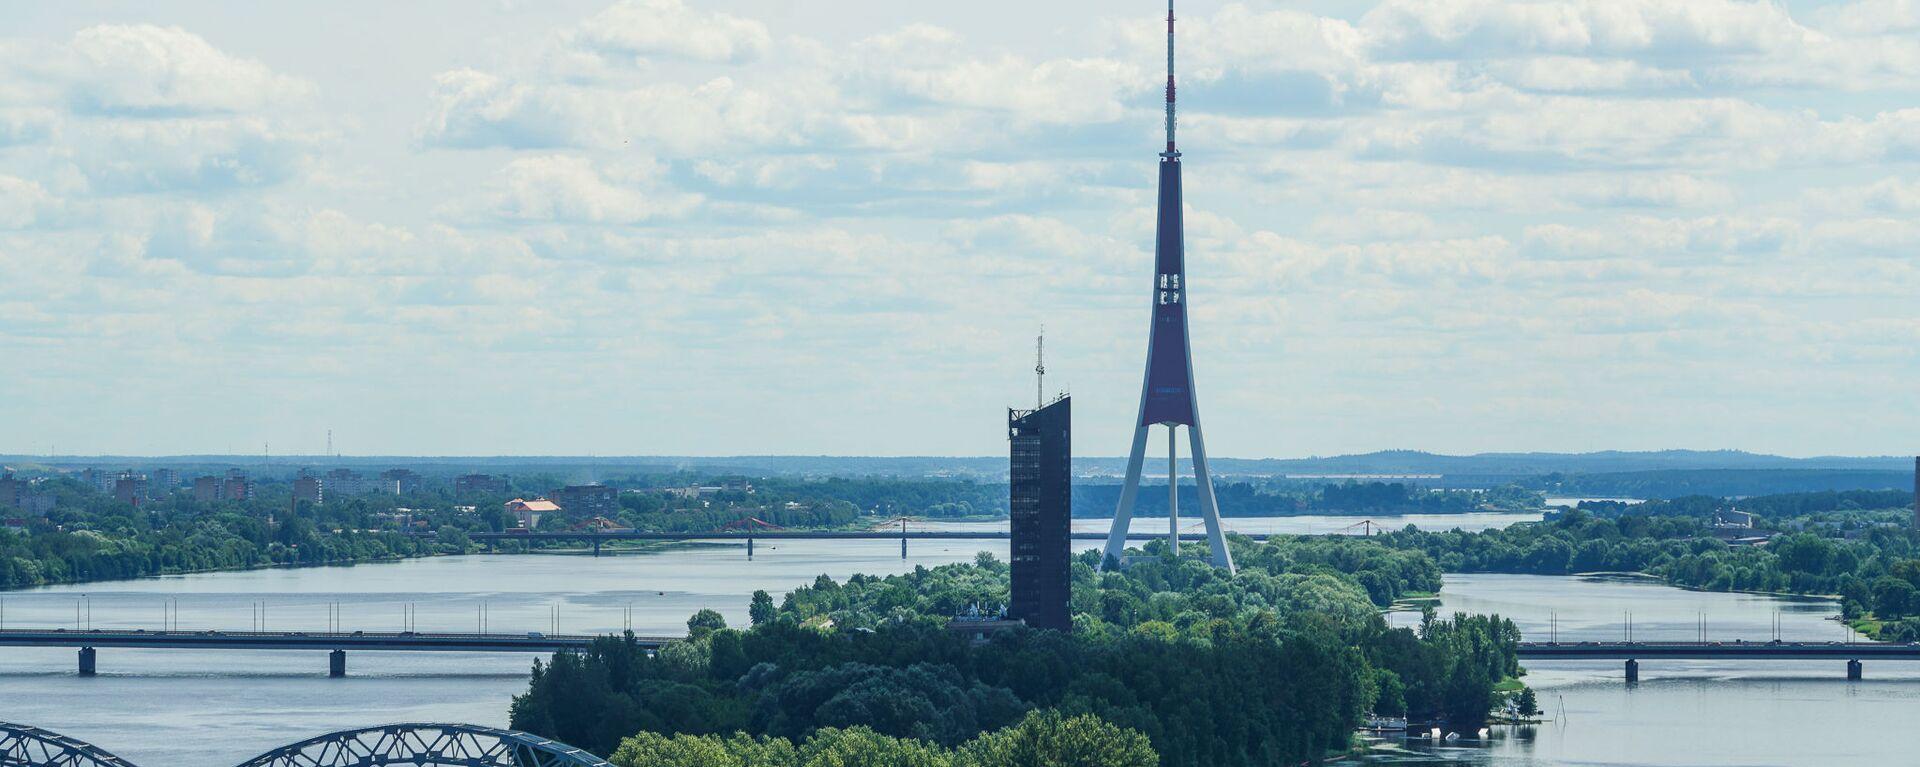 Экскурсия по рижскому Дому печати перед реконструкцией - Sputnik Латвия, 1920, 18.06.2021